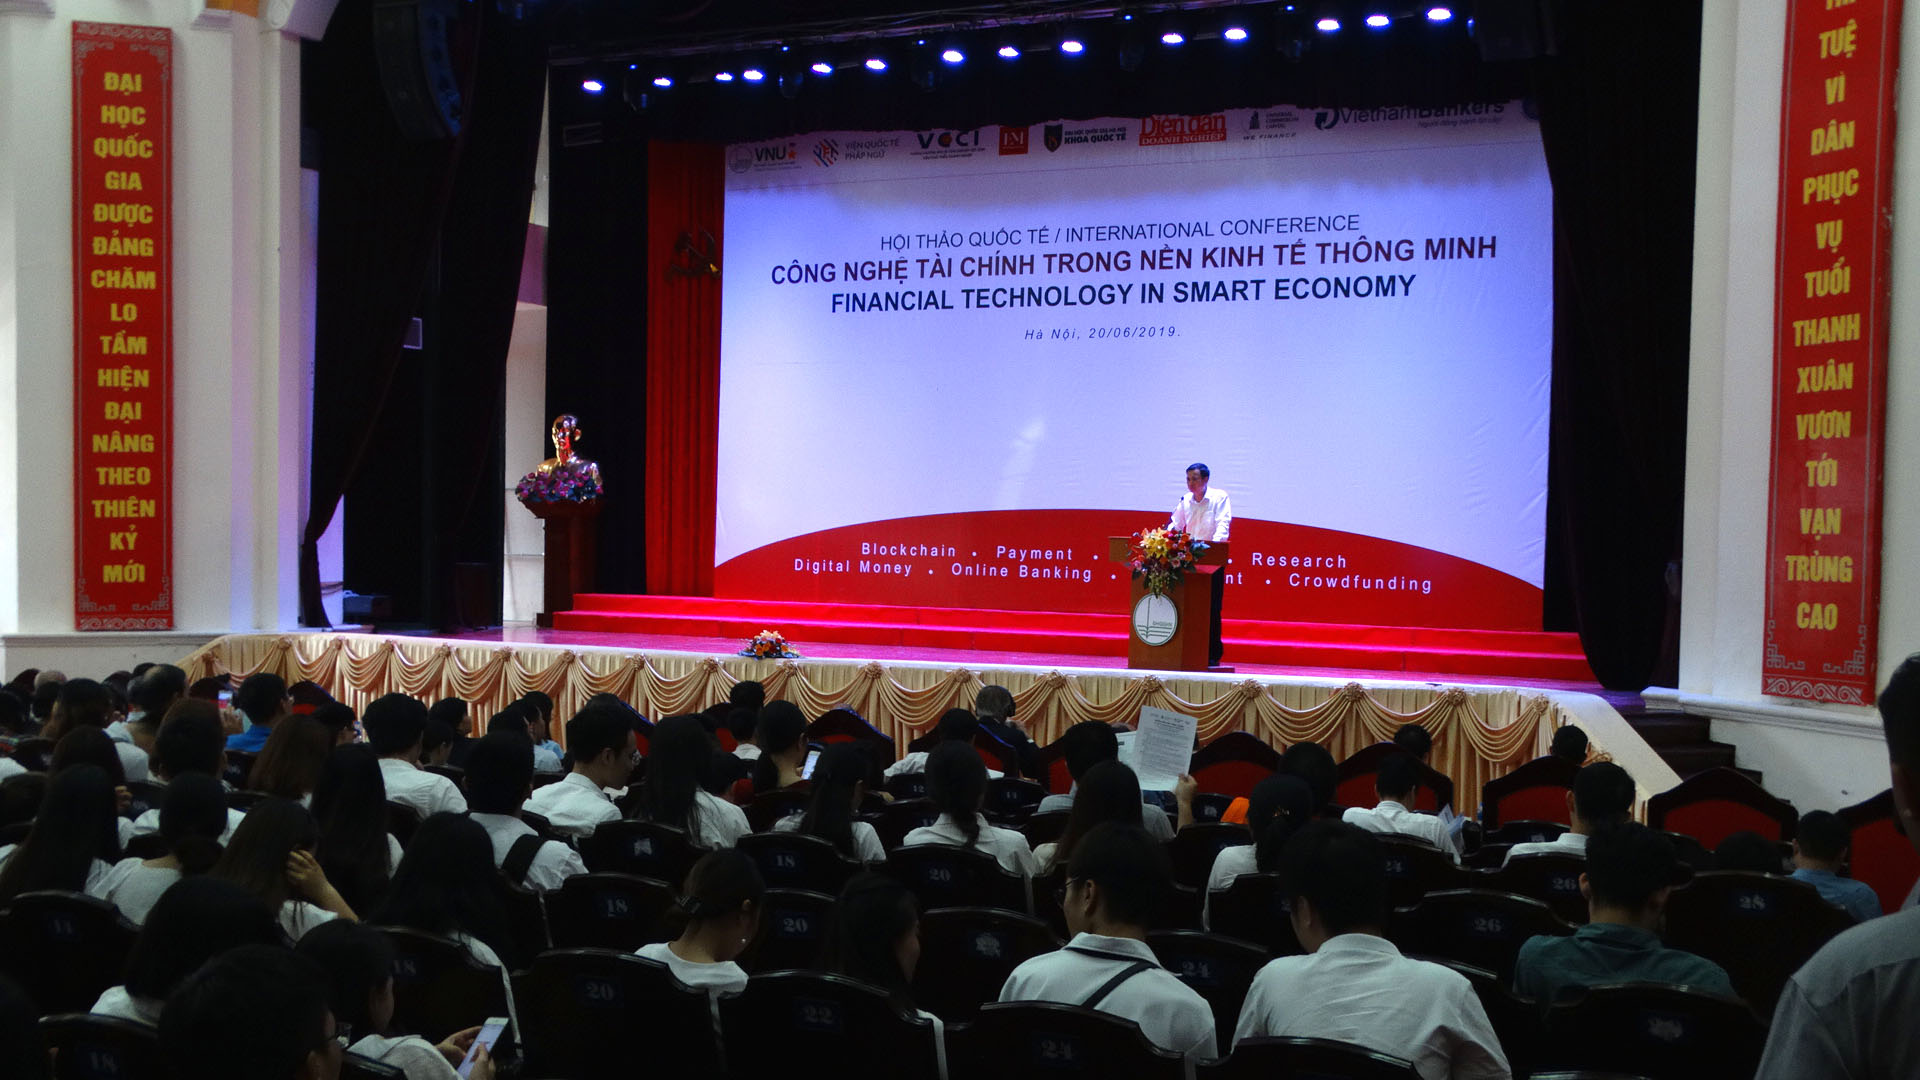 """Hội thảo quốc tế """"Công nghệ tài chính trong nền kinh tế thông minh"""""""